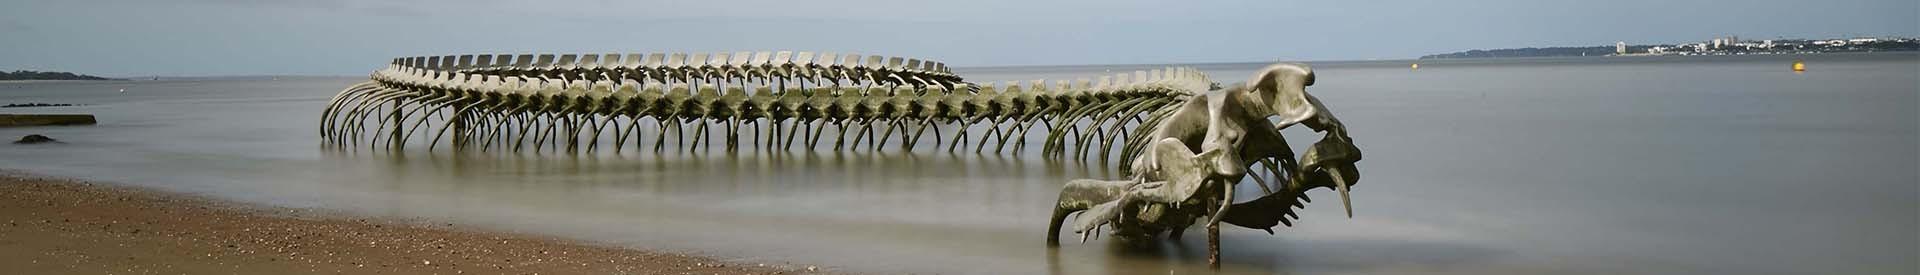 serpent-ocean-st-brevin-101-122